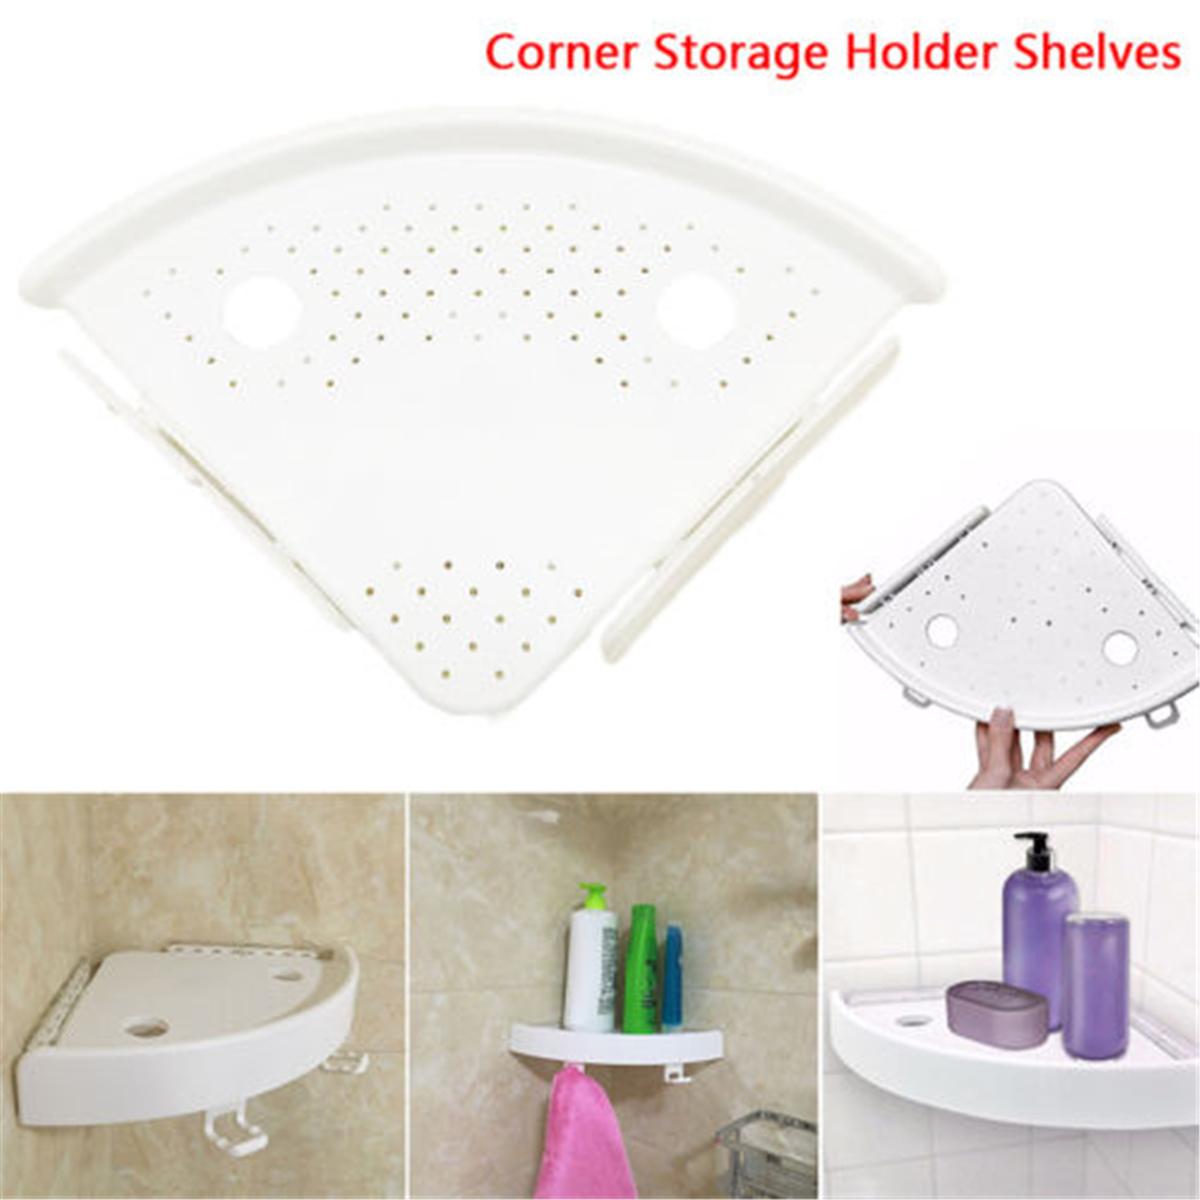 Details About 1pc Shower Corner Shelf Bathroom Corner Caddy Kitchen Wall Mount Storage Rack